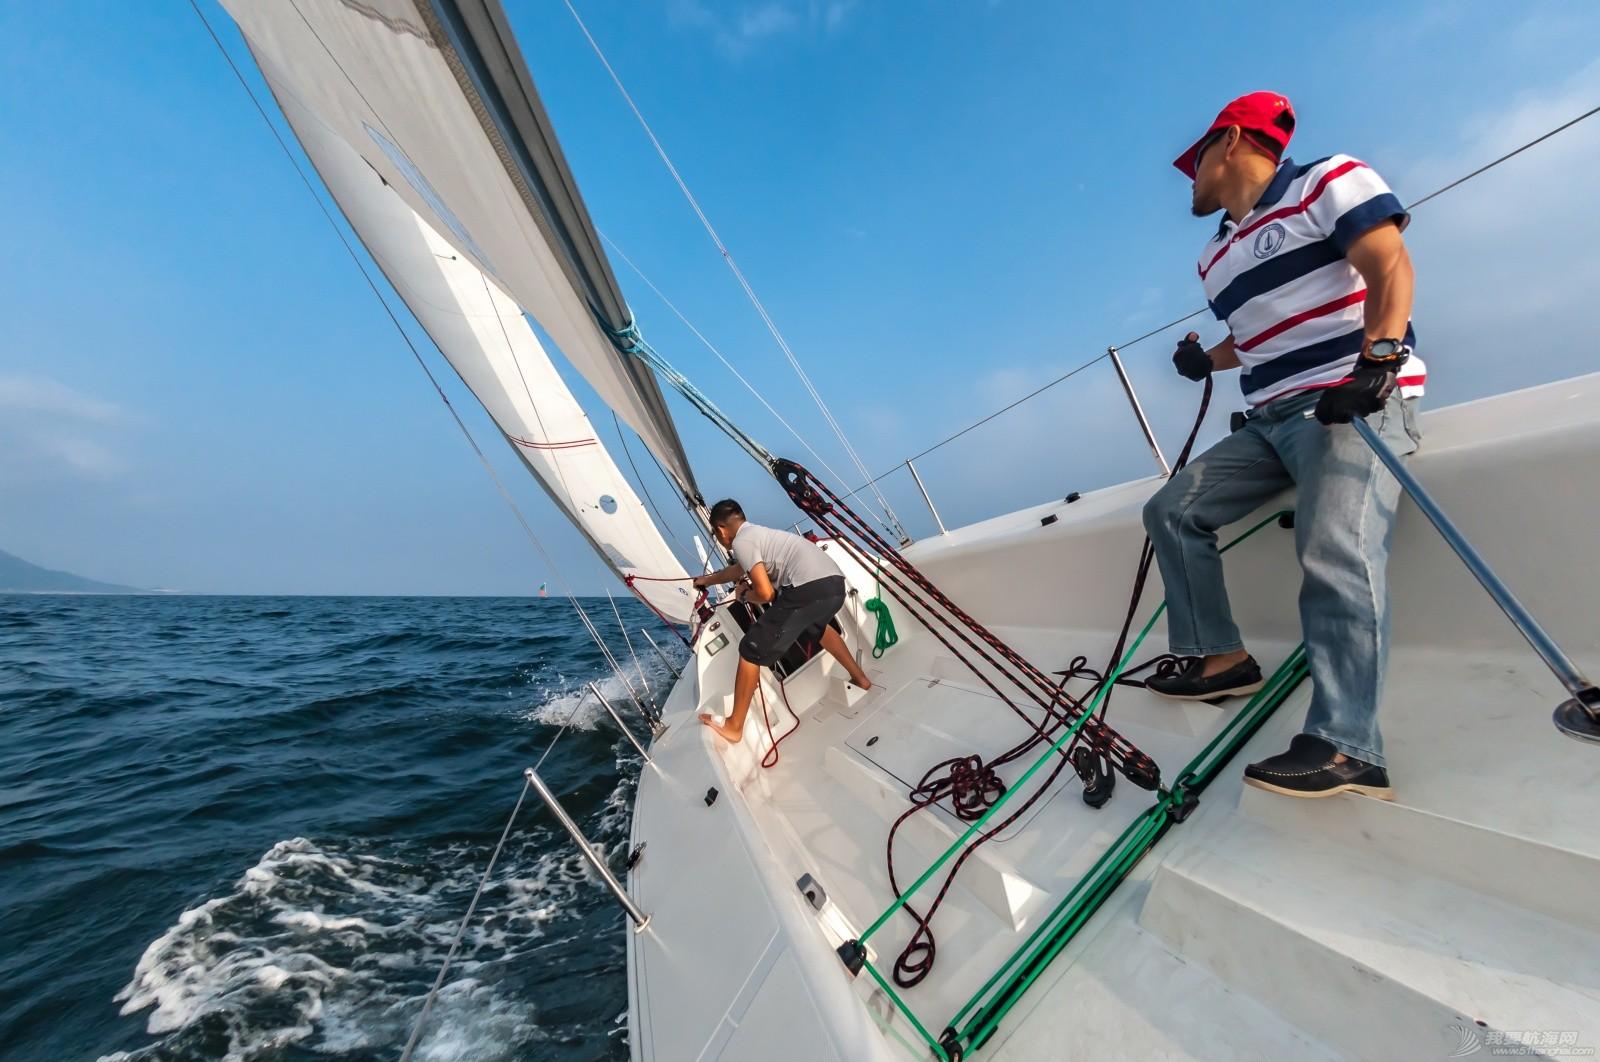 帆船 【2015大鹏杯帆船赛】鱼眼看航海 16029.jpg